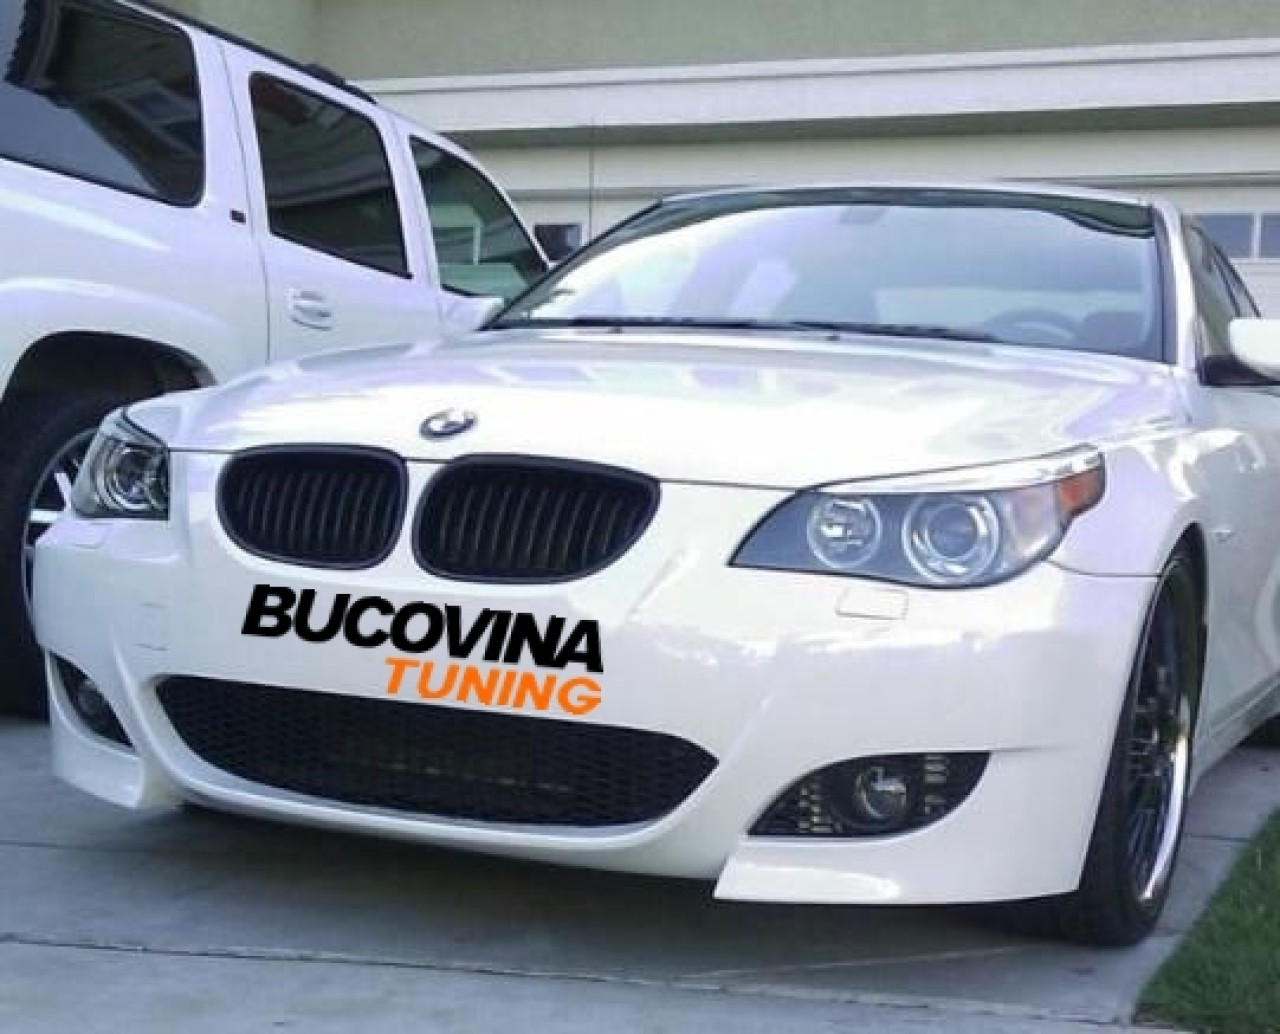 BARA BMW M5 E60 (2004-2007) - oferta cu proiectoare incluse!